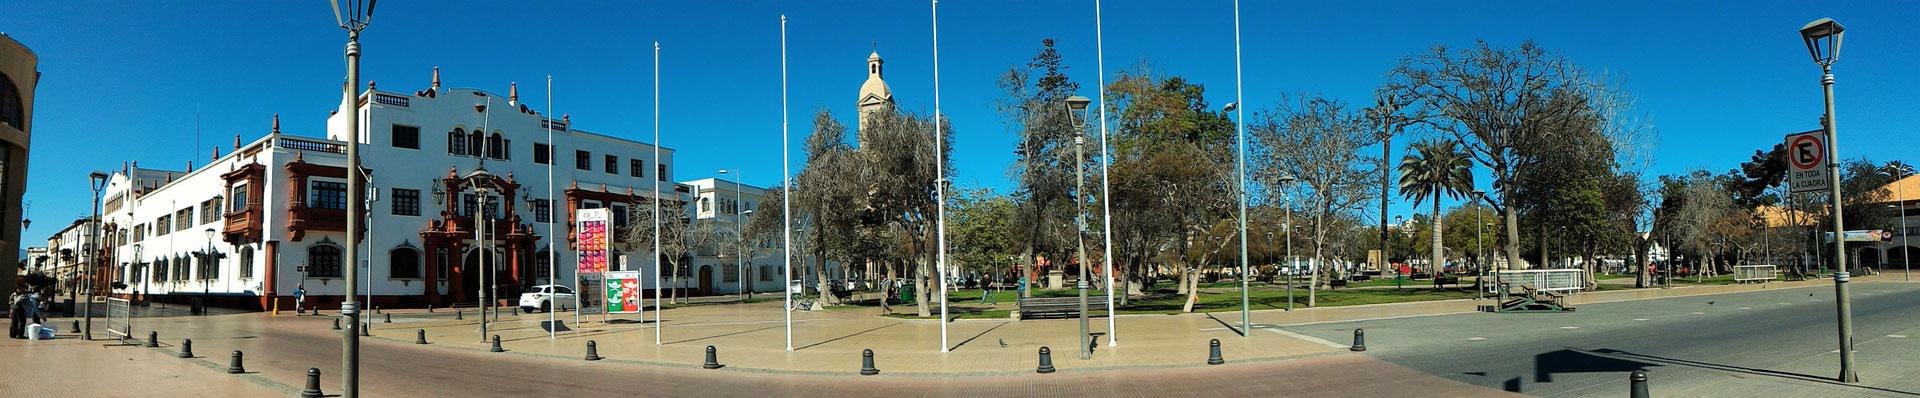 PANORAMIQUE DE LA PLACE D'ARMES LA SERENA CHILI